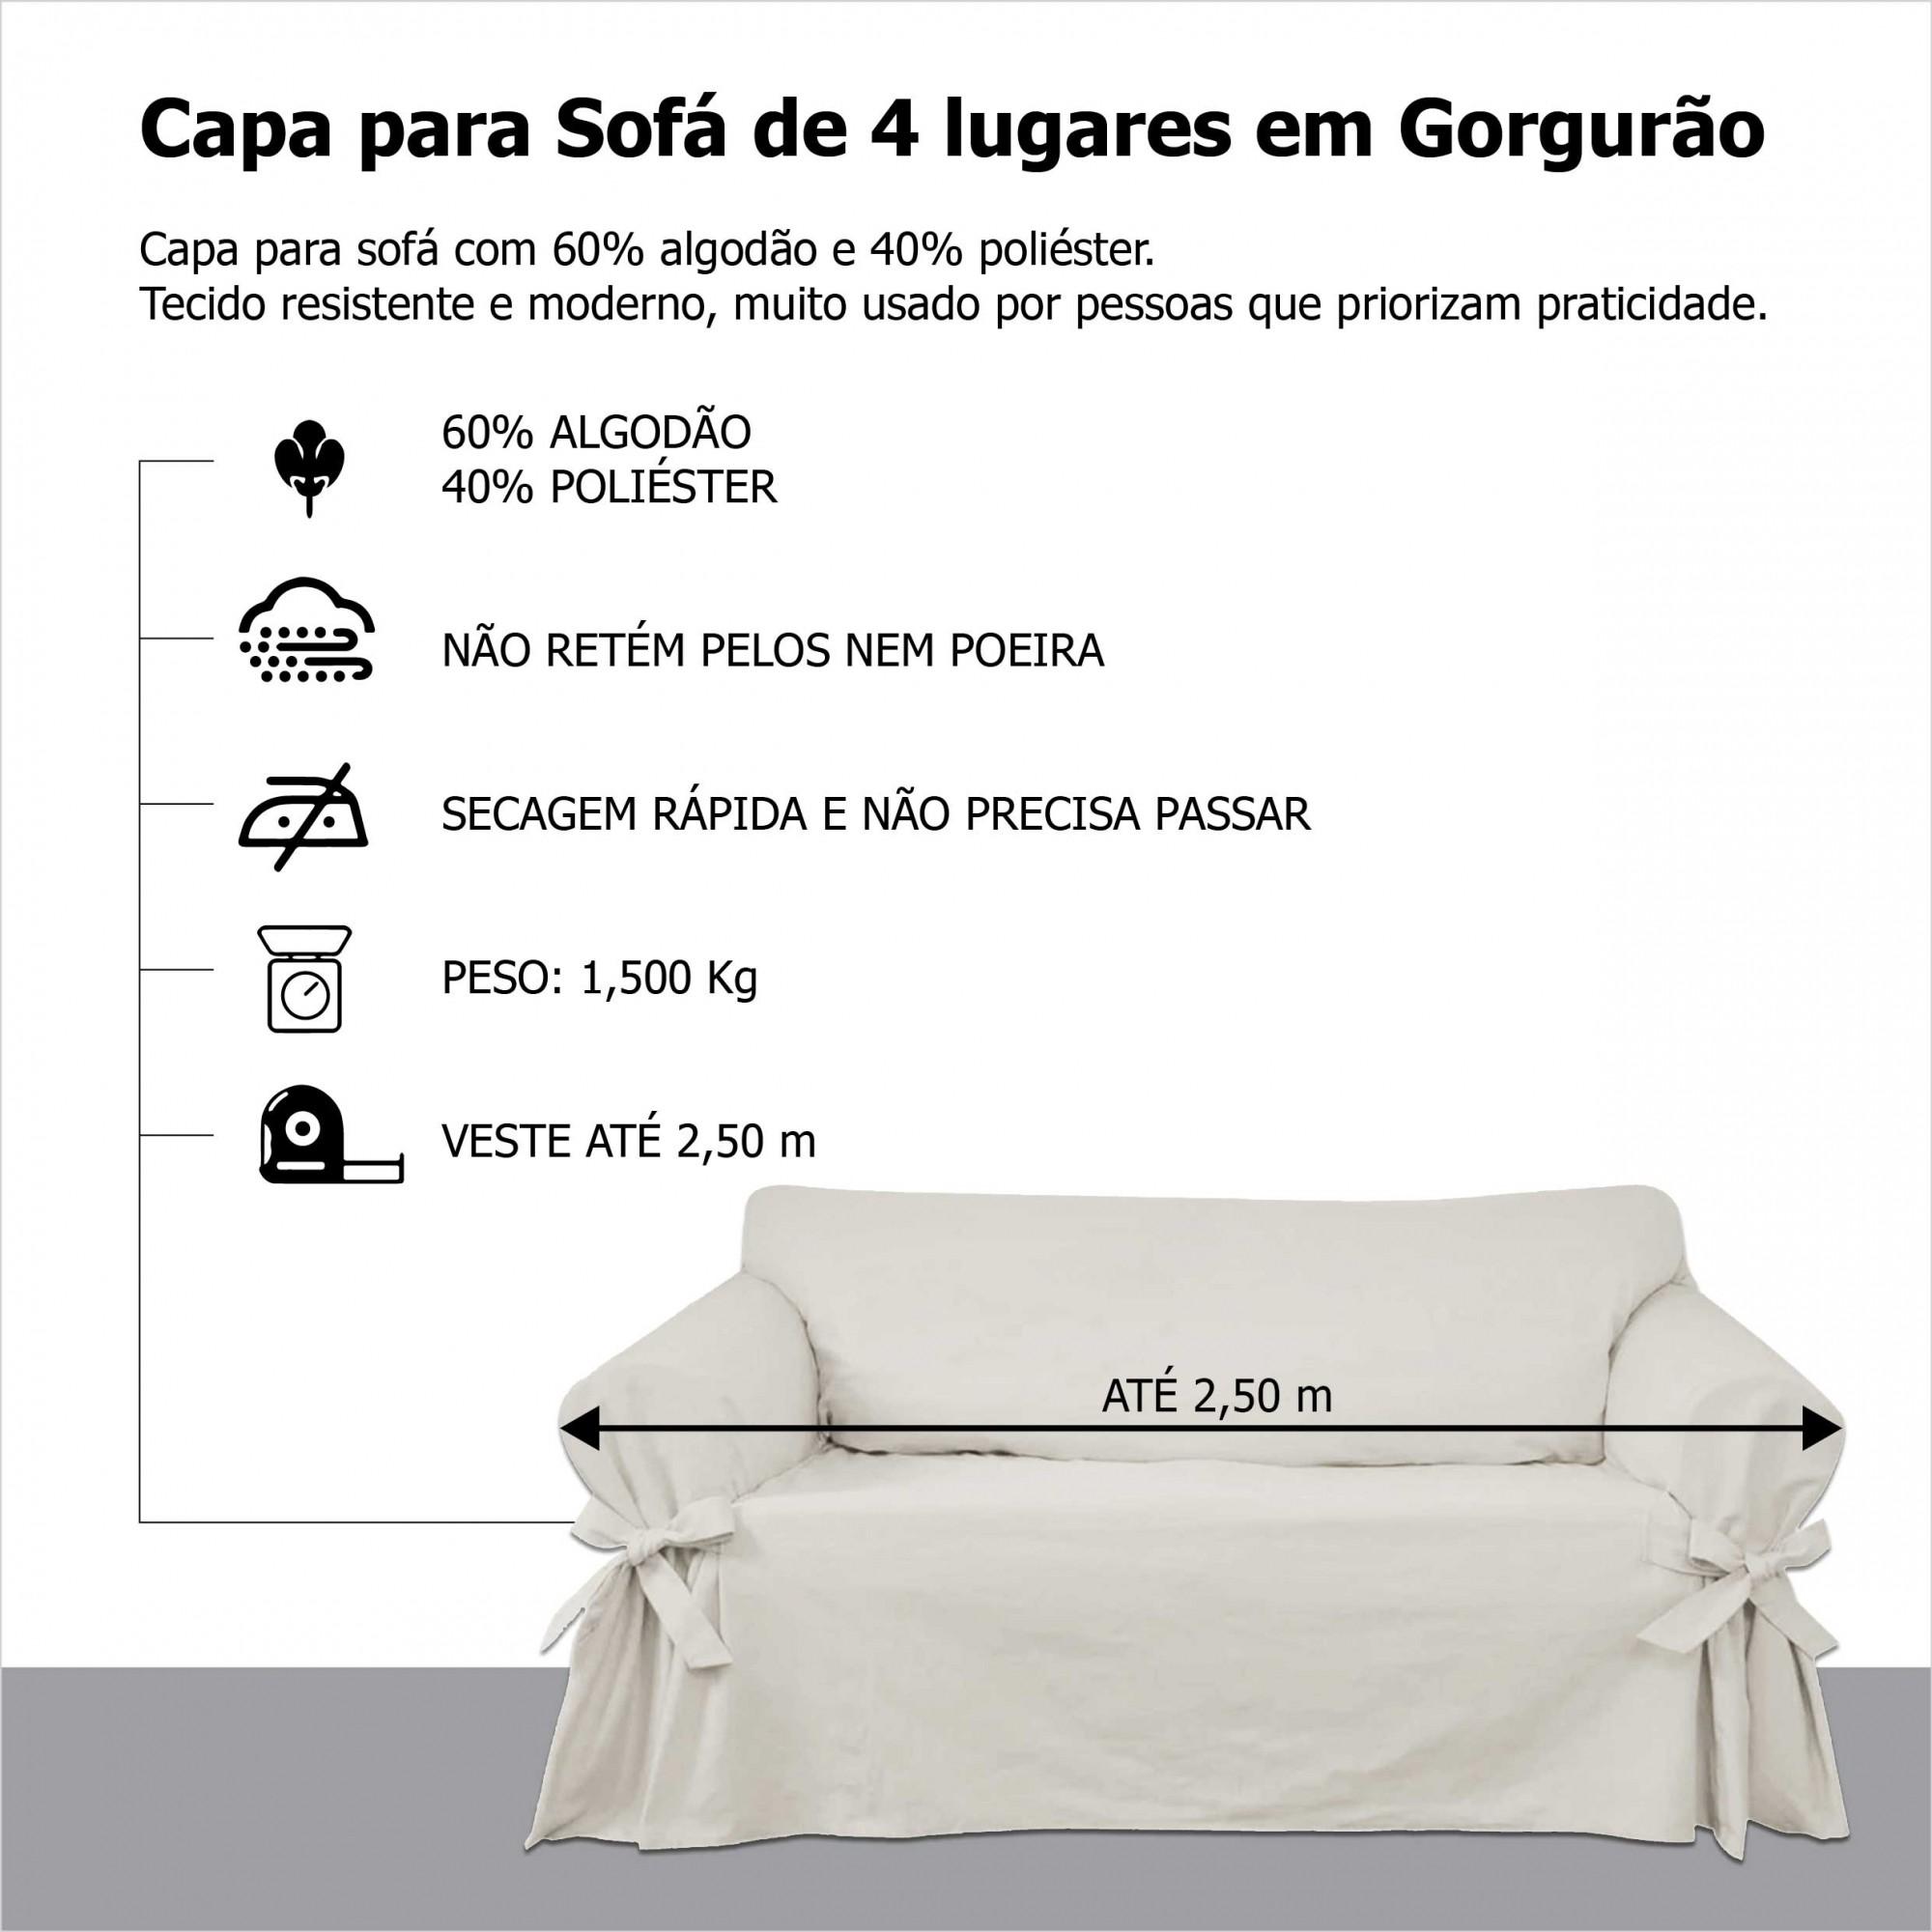 Capa p/ Sofá de 4 Lug GRAFITE em Gorgurão